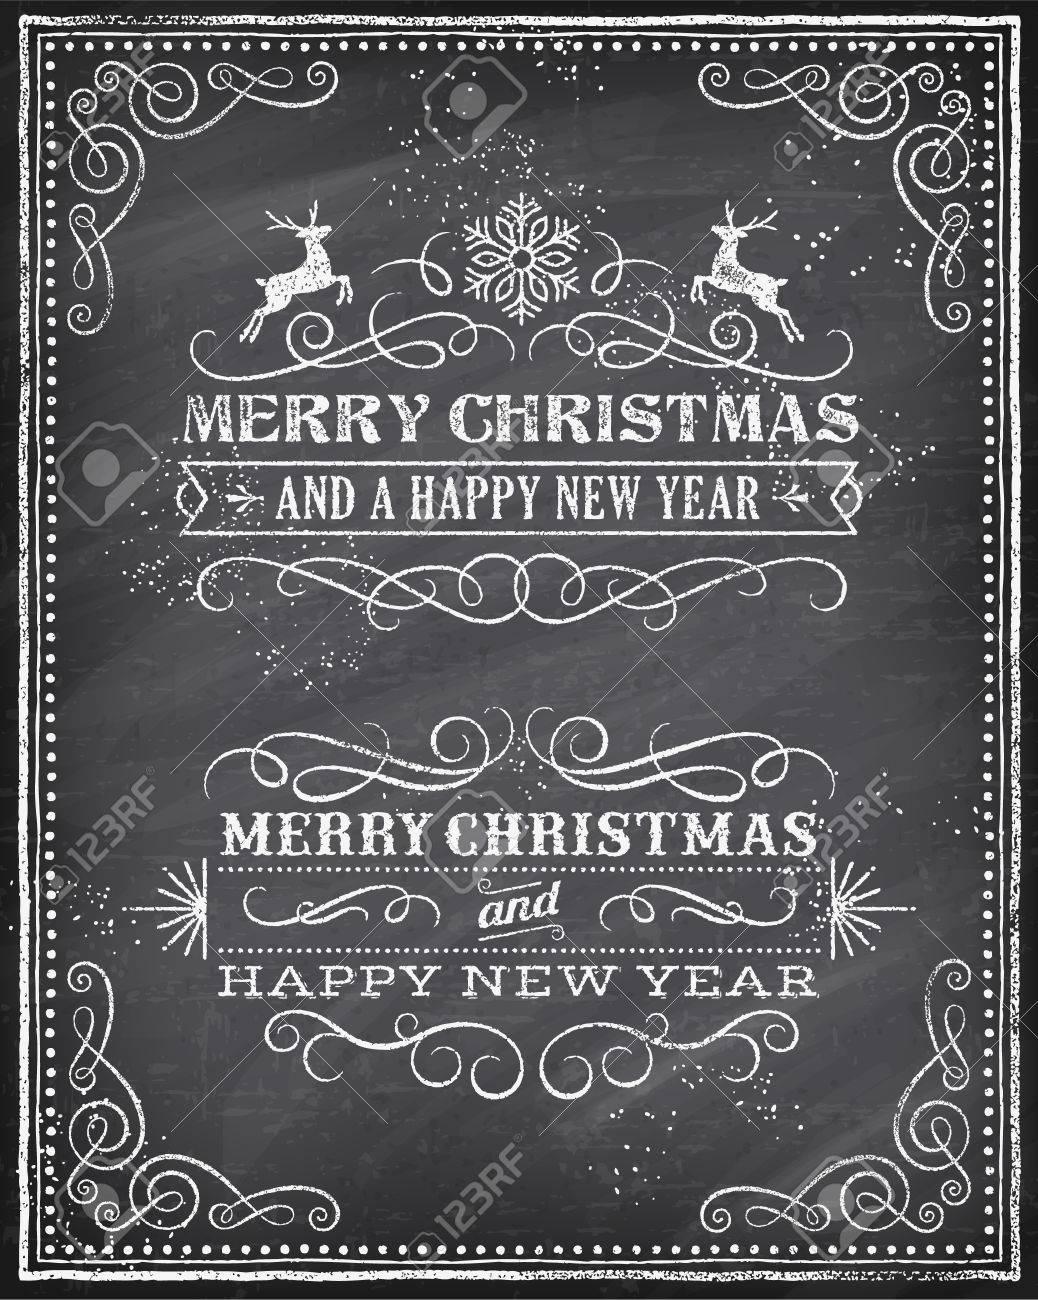 Vektor-Weihnachtsgruß-Karte Mit Kreide Gezeichnet \